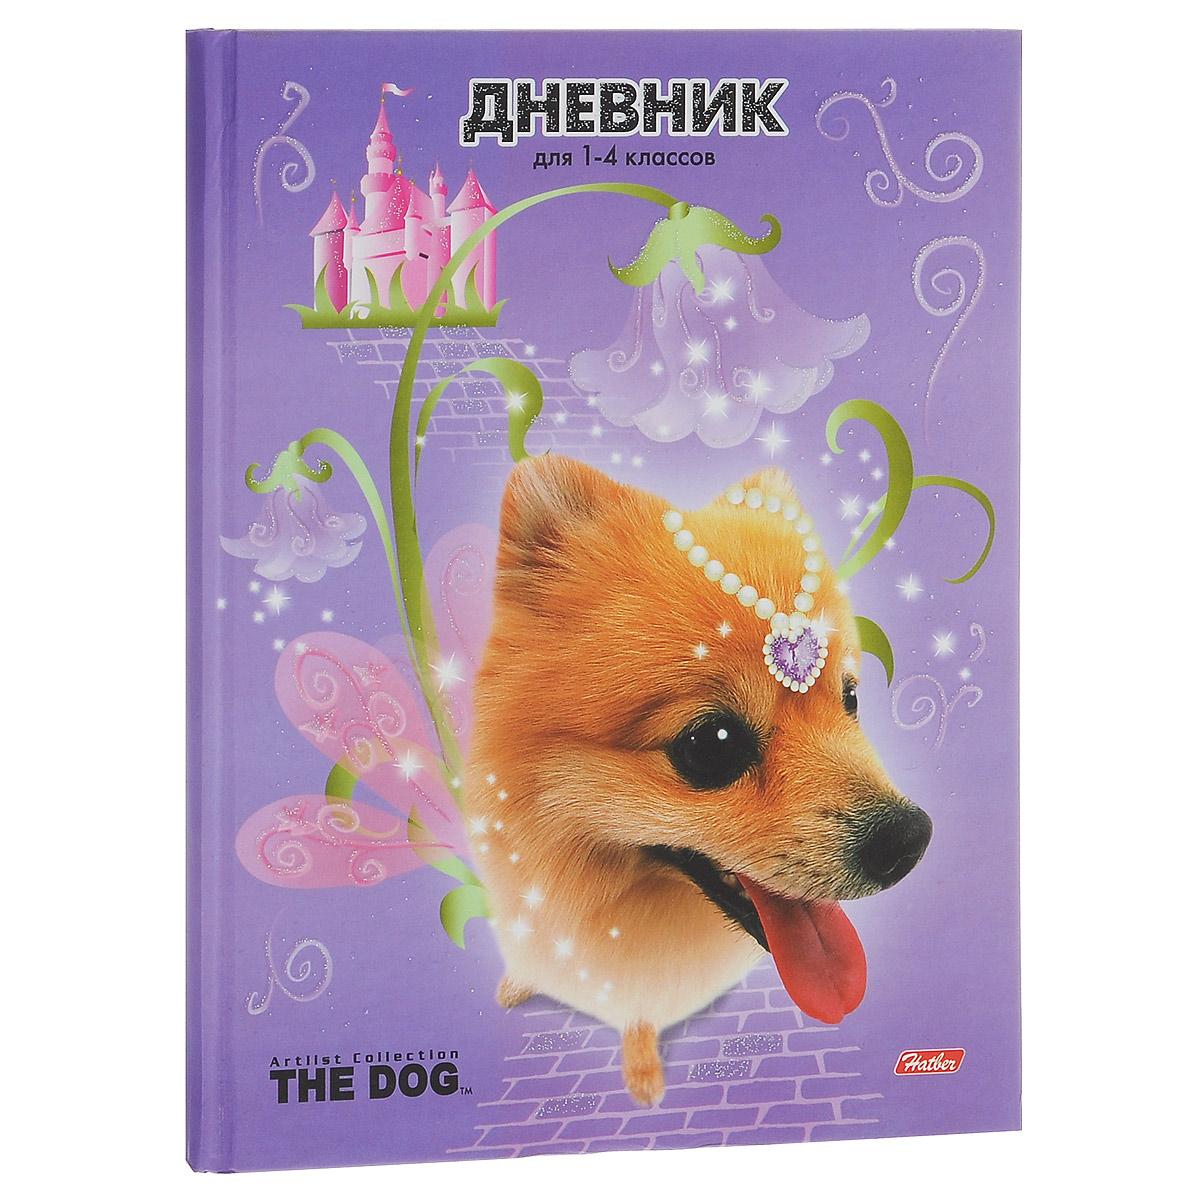 Дневник школьный Hatber The Dog10-200/19Школьный дневник Hatber The Dog - первый ежедневник вашего ребенка. Он поможет ему не забыть свои задания, а вы всегда сможете проконтролировать его успеваемость. Дневник предназначен для учеников 1-4 классов. Обложка дневника выполнена из плотного глянцевого картона и оформлена изображением забавного щенка. Внутренний блок изготовлен из высококачественной бумаги и состоит из 48 листов. В структуру дневника входят все необходимые разделы: информация о личных данных ученика, школе и педагогах, друзьях и одноклассниках, расписание факультативов и уроков по четвертям, сведения об успеваемости с рекомендациями педагогического коллектива. Дневник также содержит номера телефонов экстренной помощи и даты государственных праздников. Кроме стандартной информации, в конце дневника имеется краткий справочник школьника по математике и русскому языку. Школьный дневник Hatber The Dog станет отличным помощником в освоении новых знаний и принесет радость своему хозяину в учебные будни.